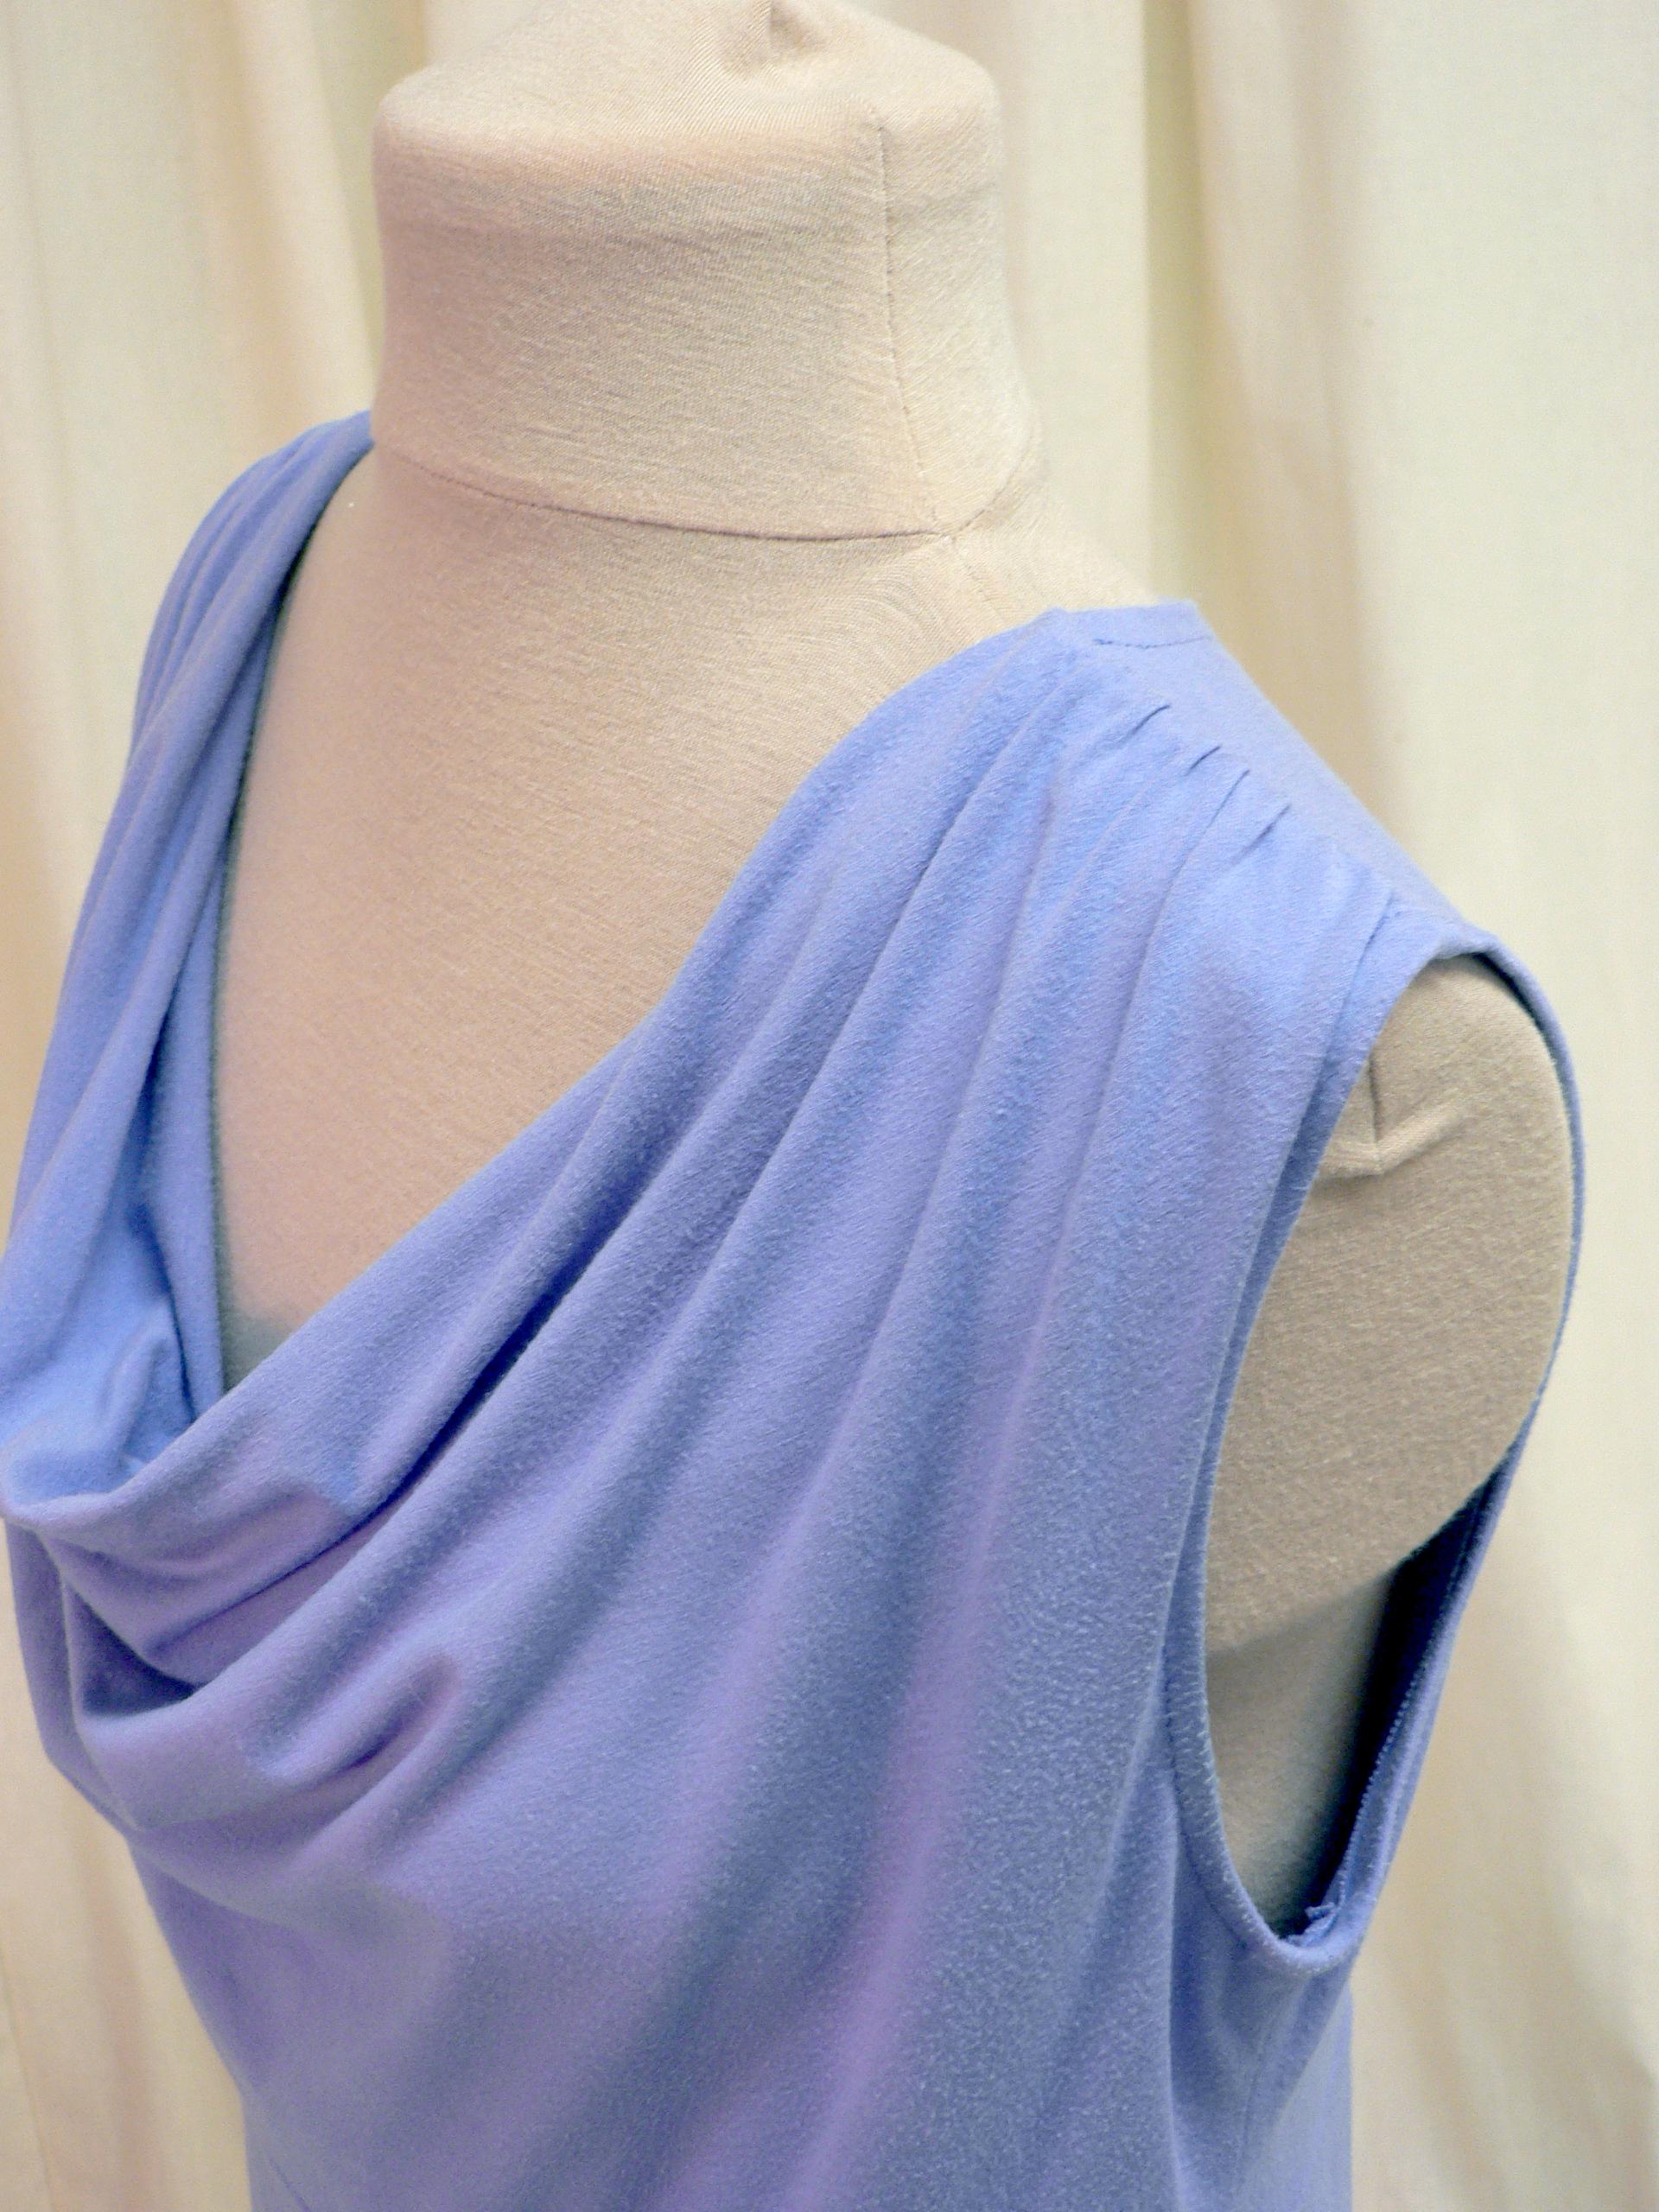 blouse09_shoulder.jpg